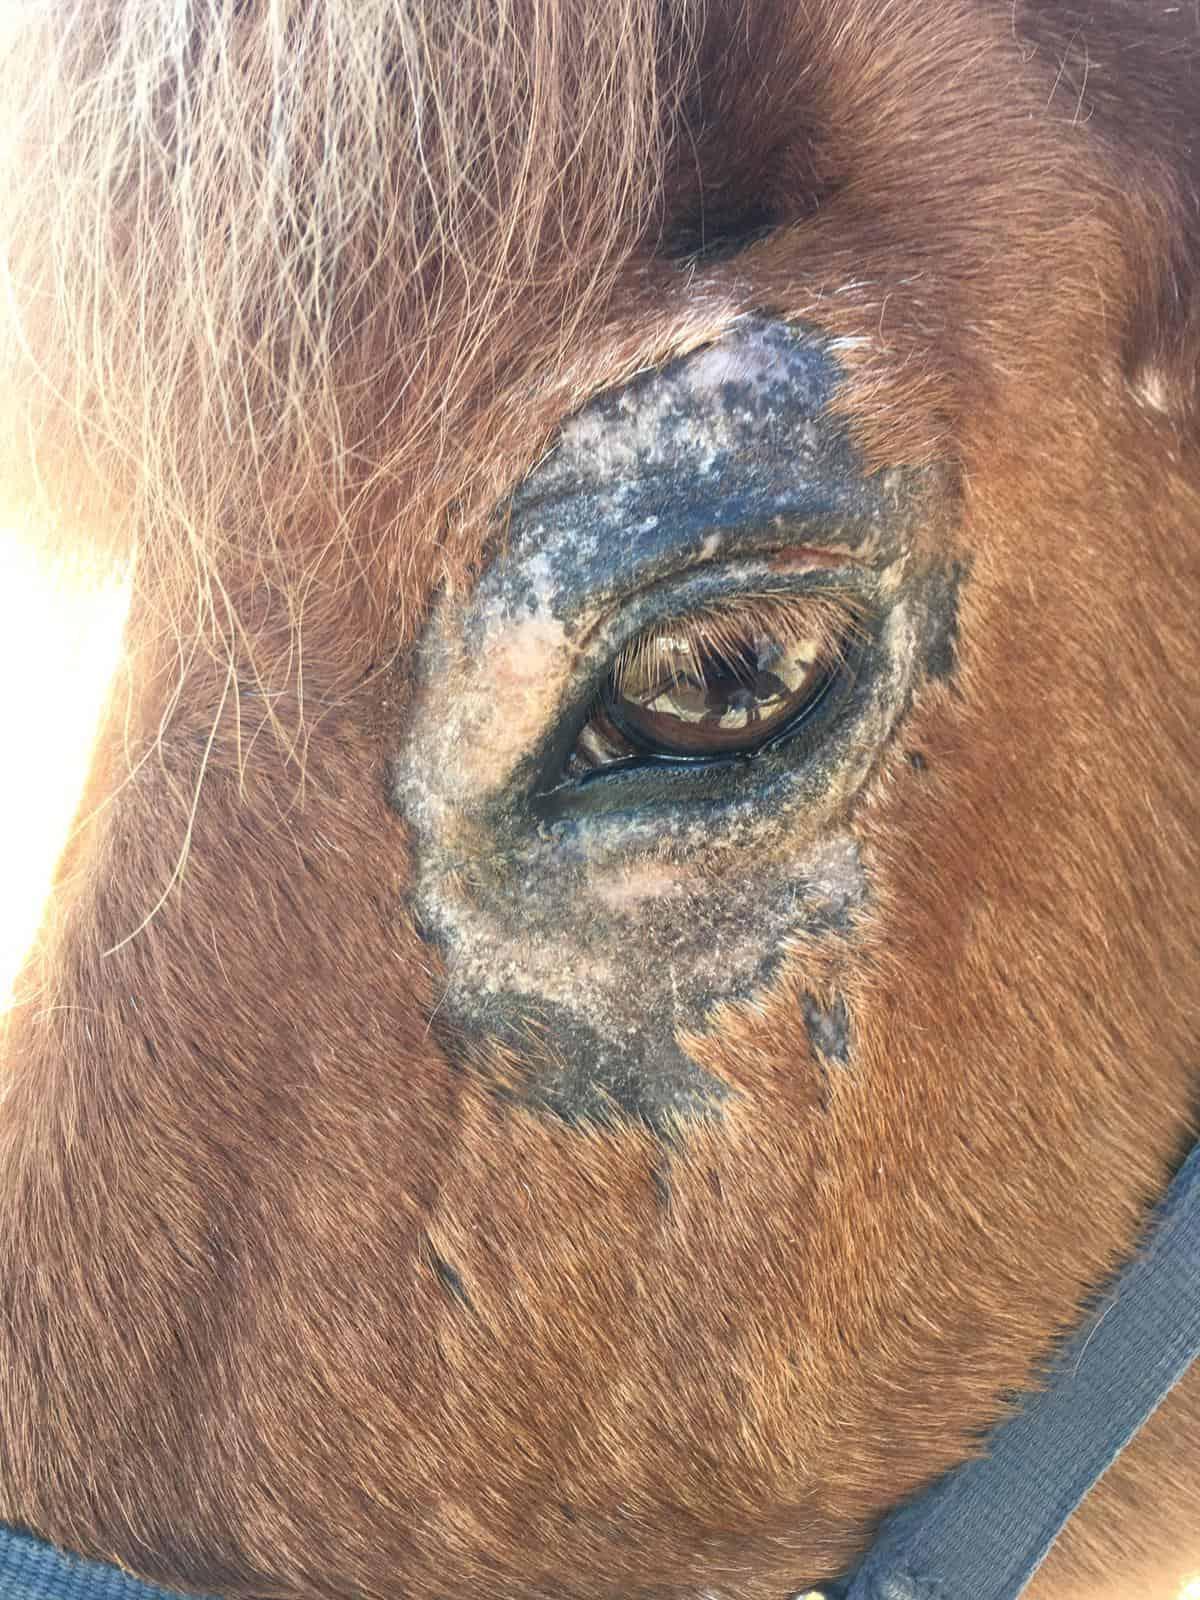 Milben am Auges eines Pferdes